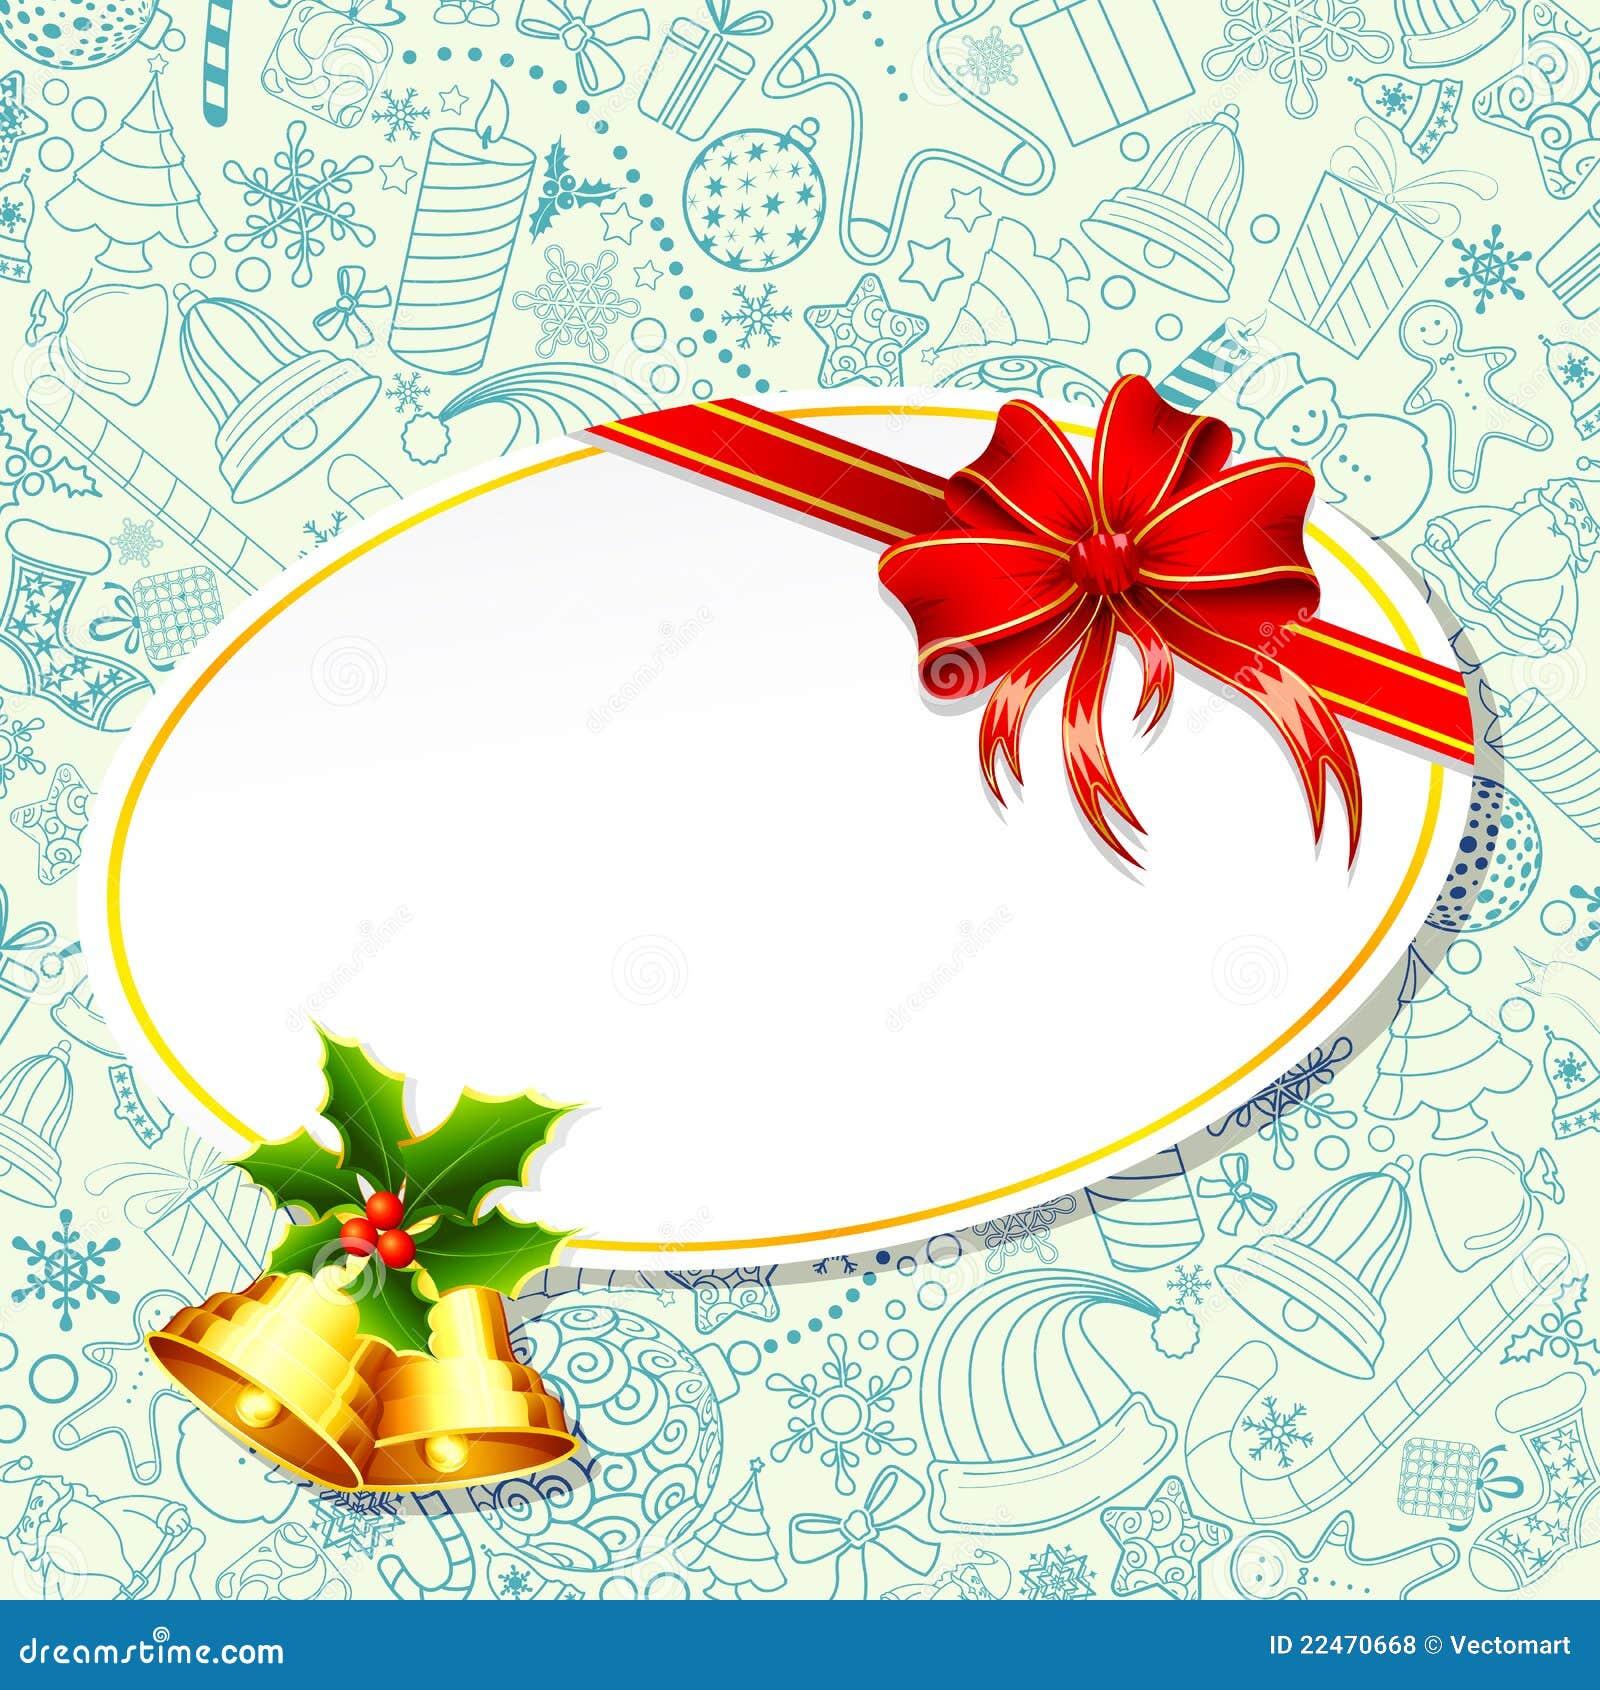 Weihnachtsgeschenk-Karte vektor abbildung. Illustration von geschenk ...